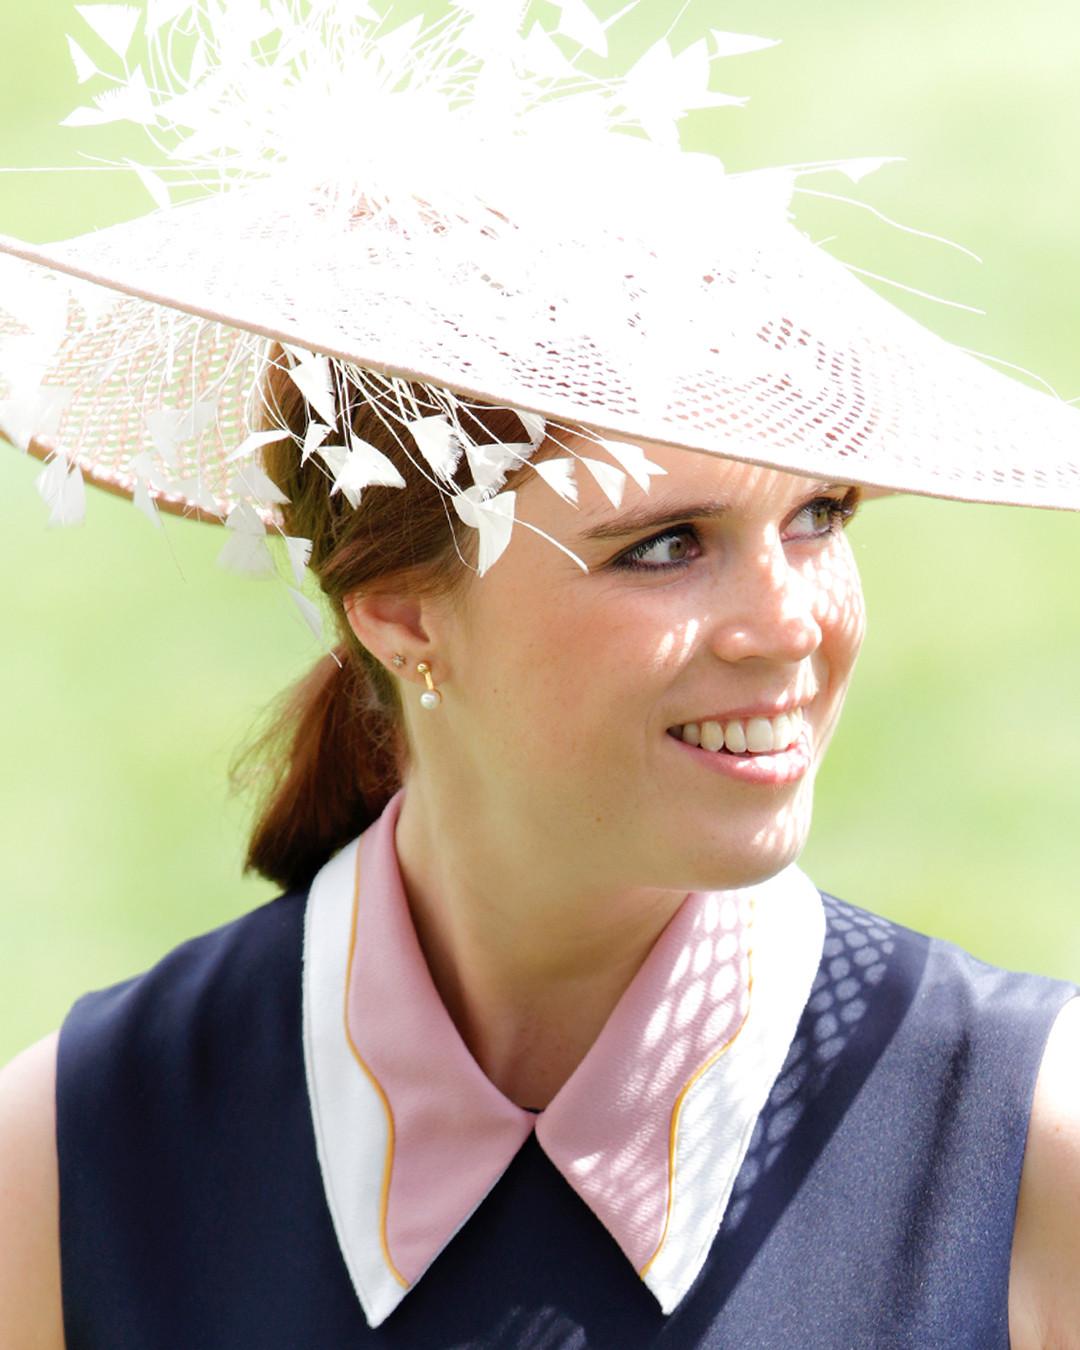 ESC: Princess Eugenie